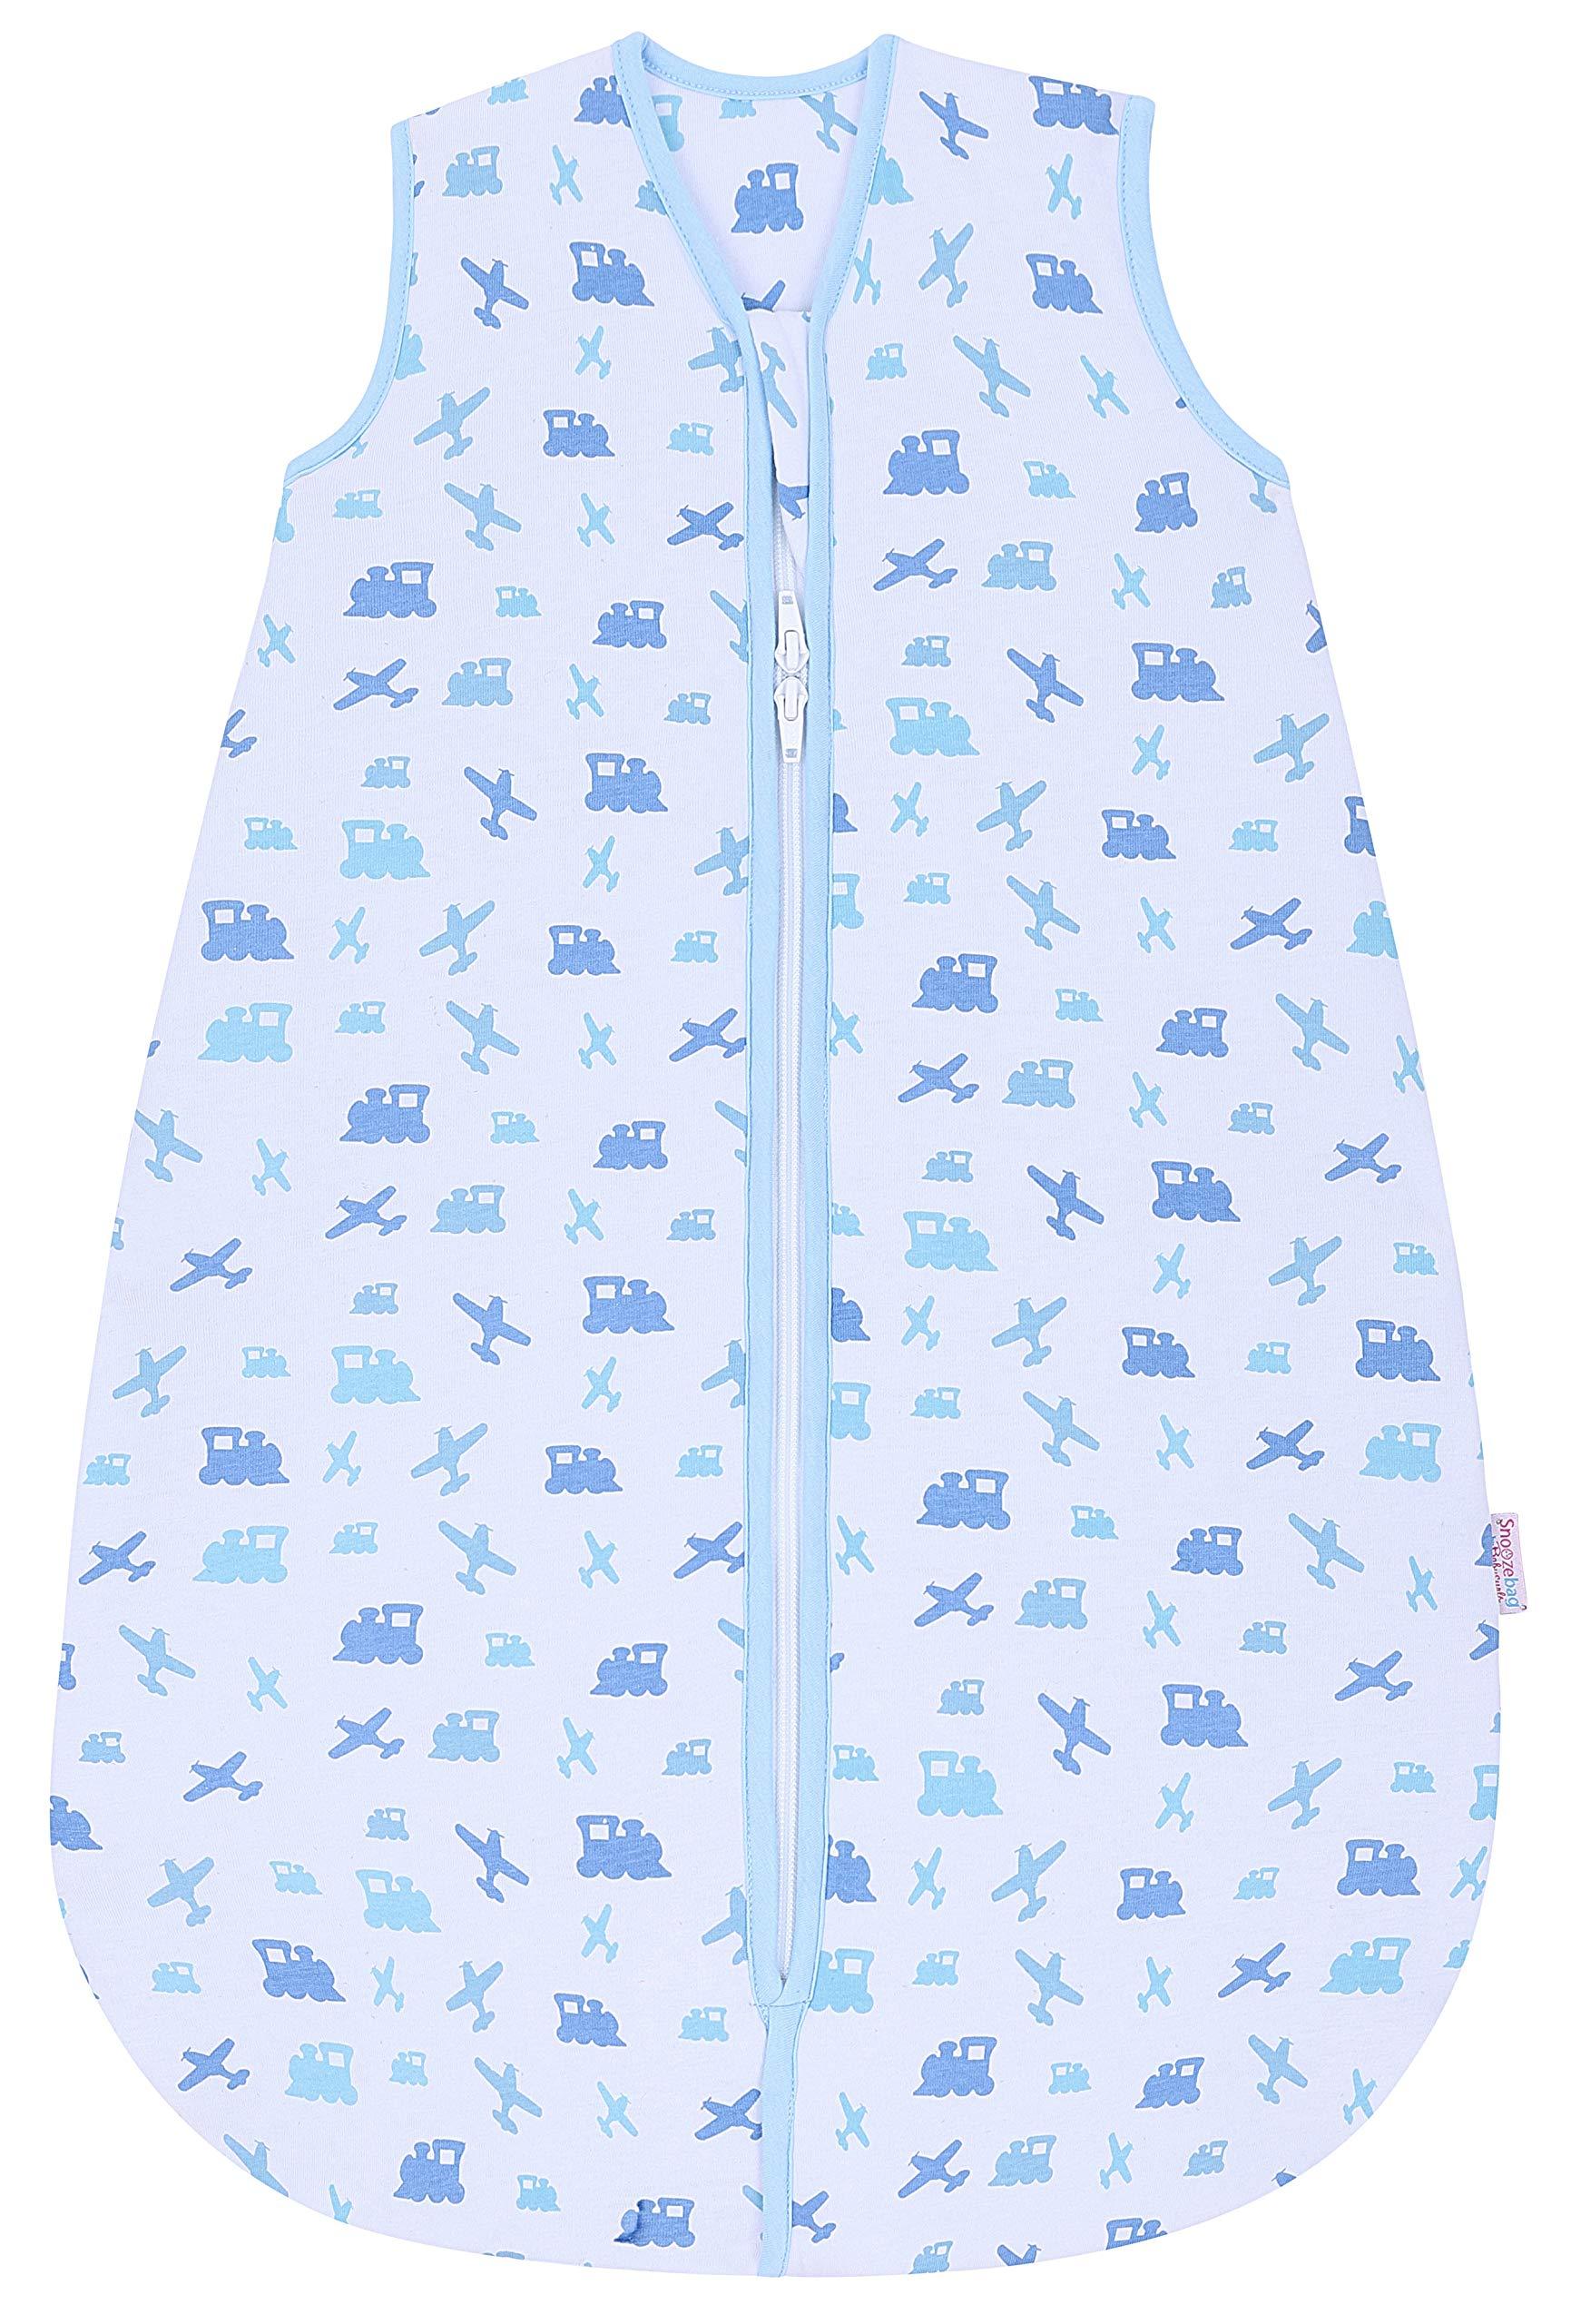 Snoozebag Saco de Dormir Azul diseño de Aviones y Trenes, 100% algodón, 2,5TOG Azul Azul Talla: 18-36 Meses